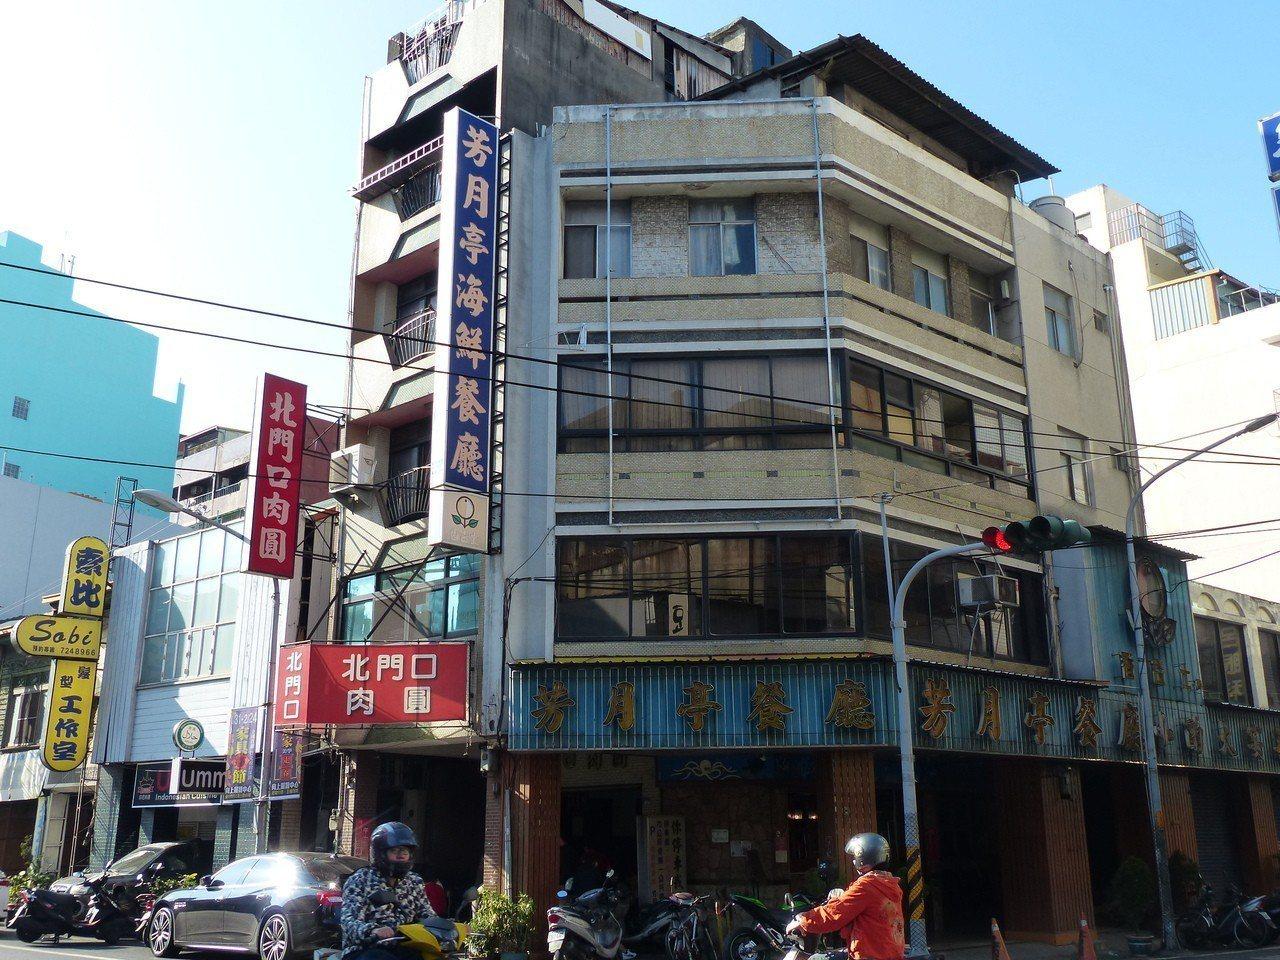 創立一甲子的彰化市芳月亭餐廳,將在月底熄燈,讓老饕十分不捨。記者劉明岩/攝影